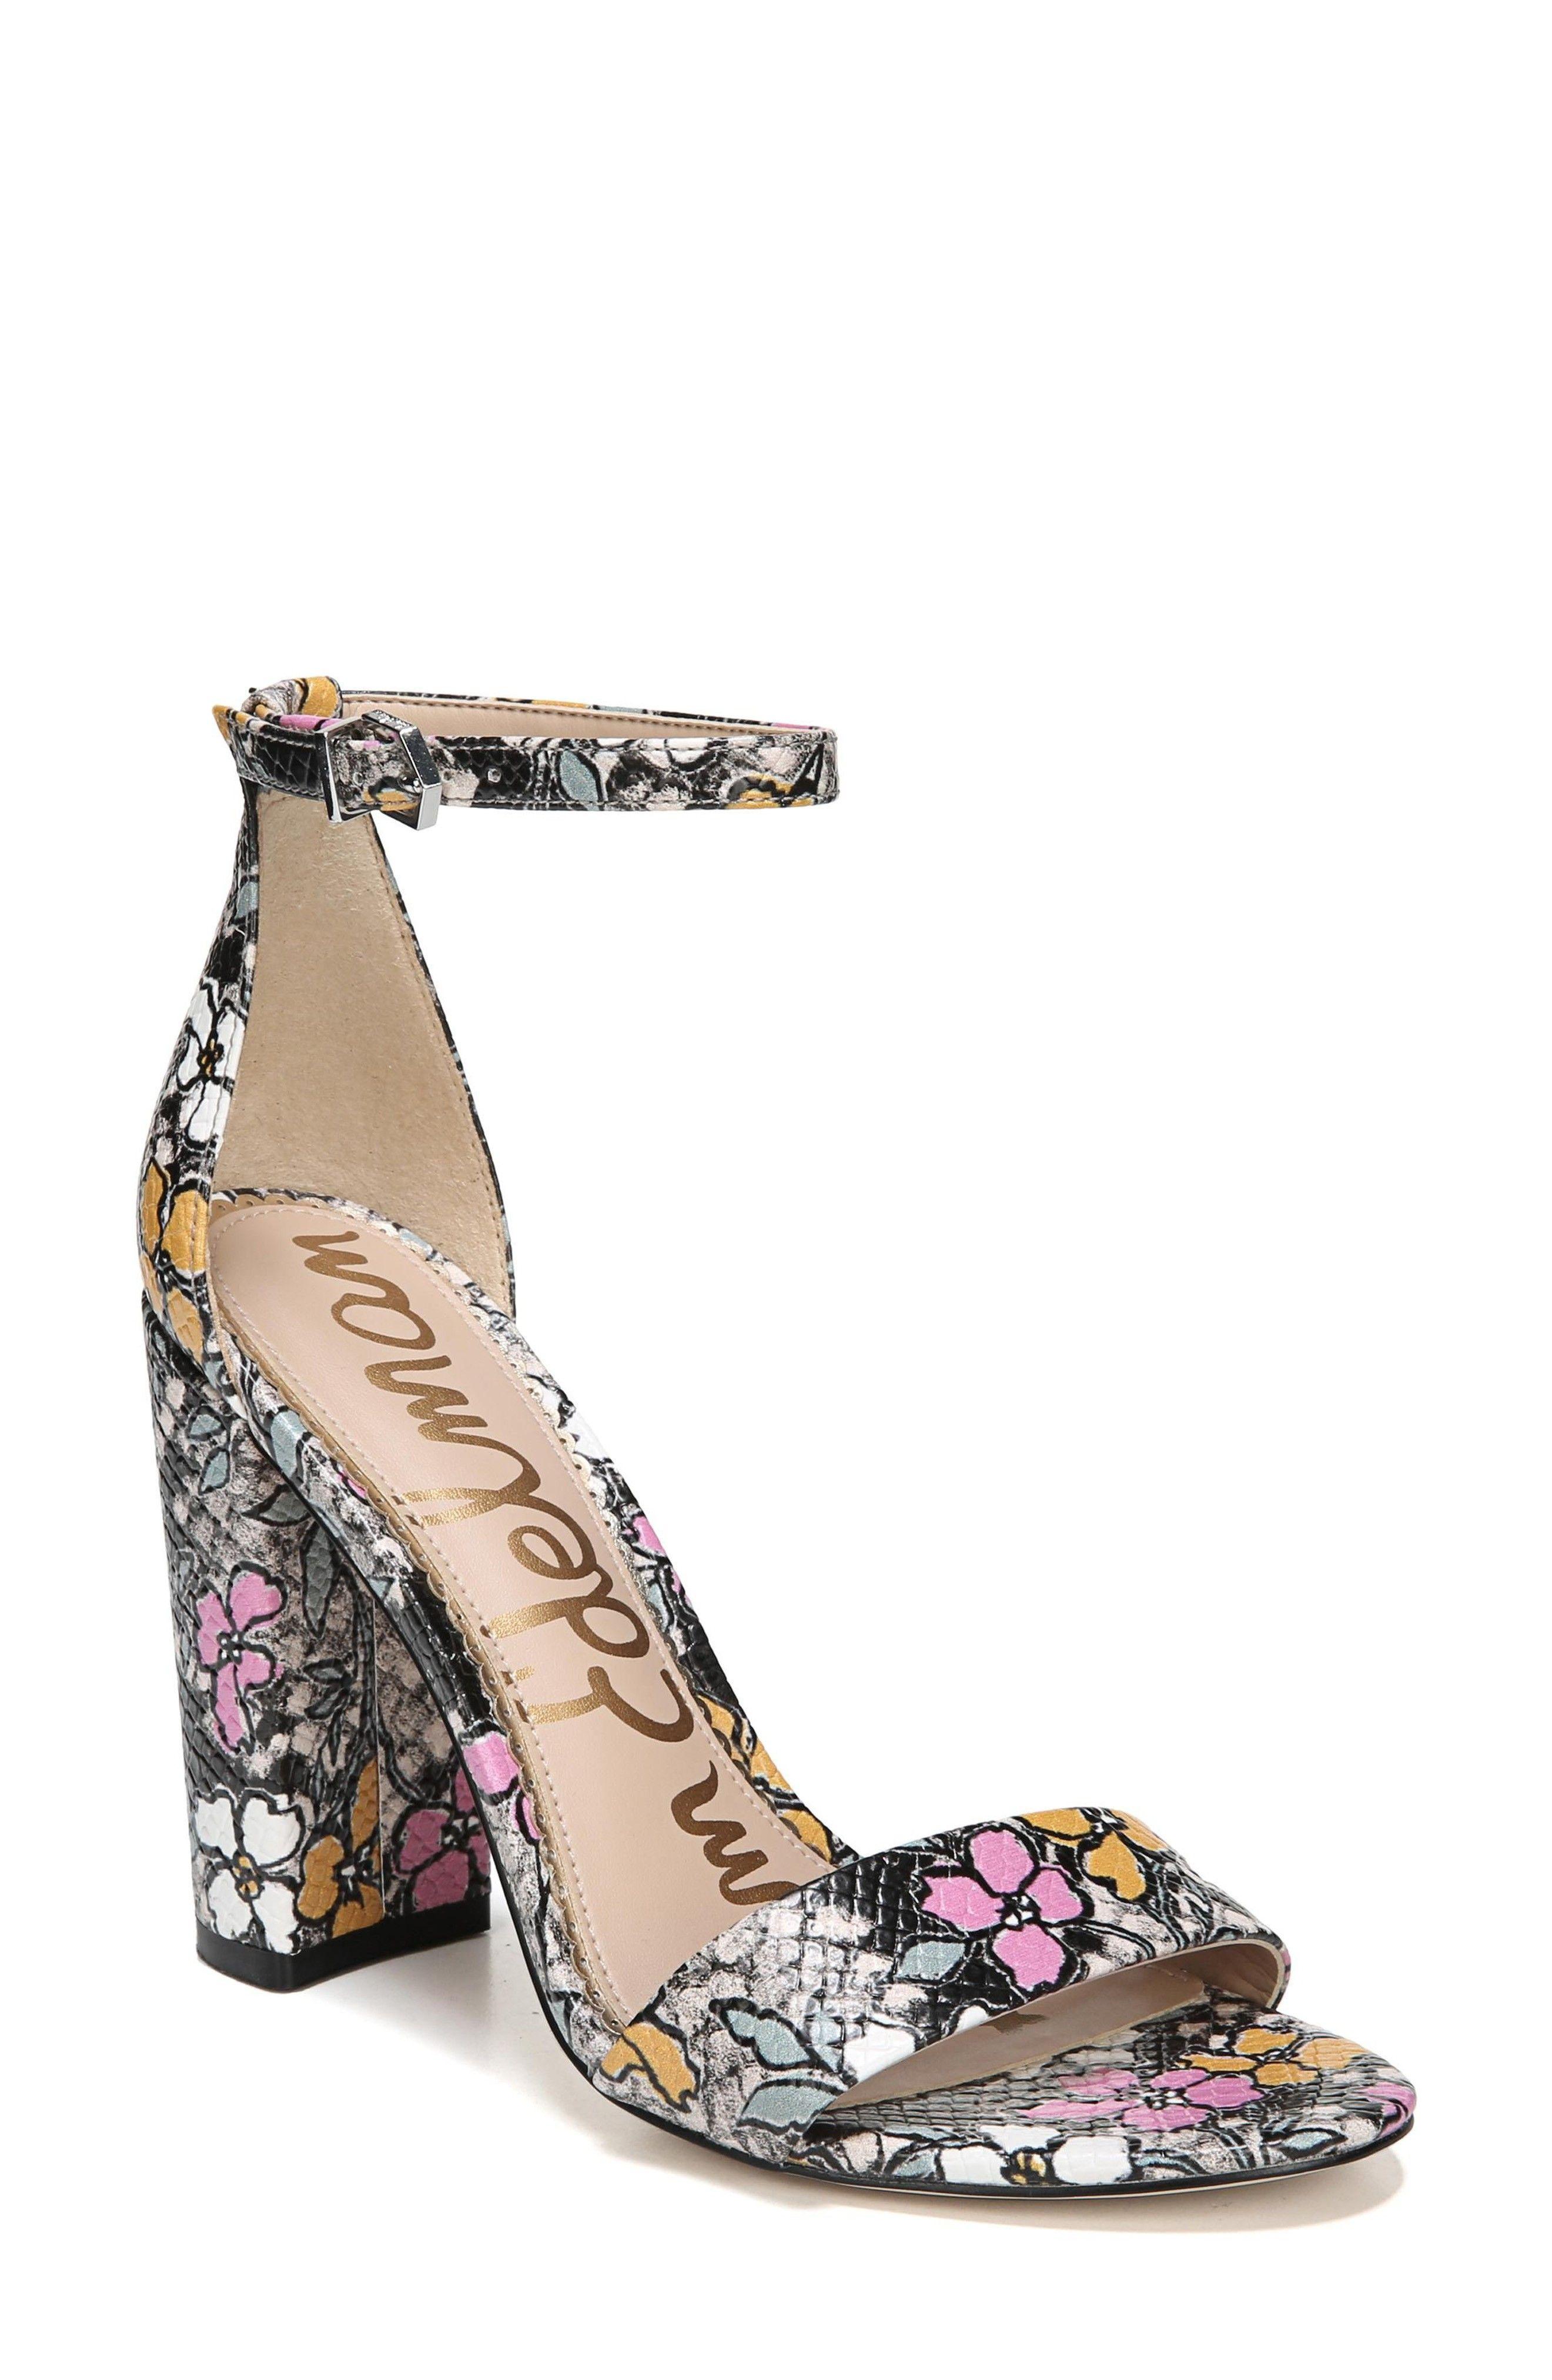 Yaro Ankle Strap Sandal - Sam Edelman #floral #heels #sandals #affiliatelink